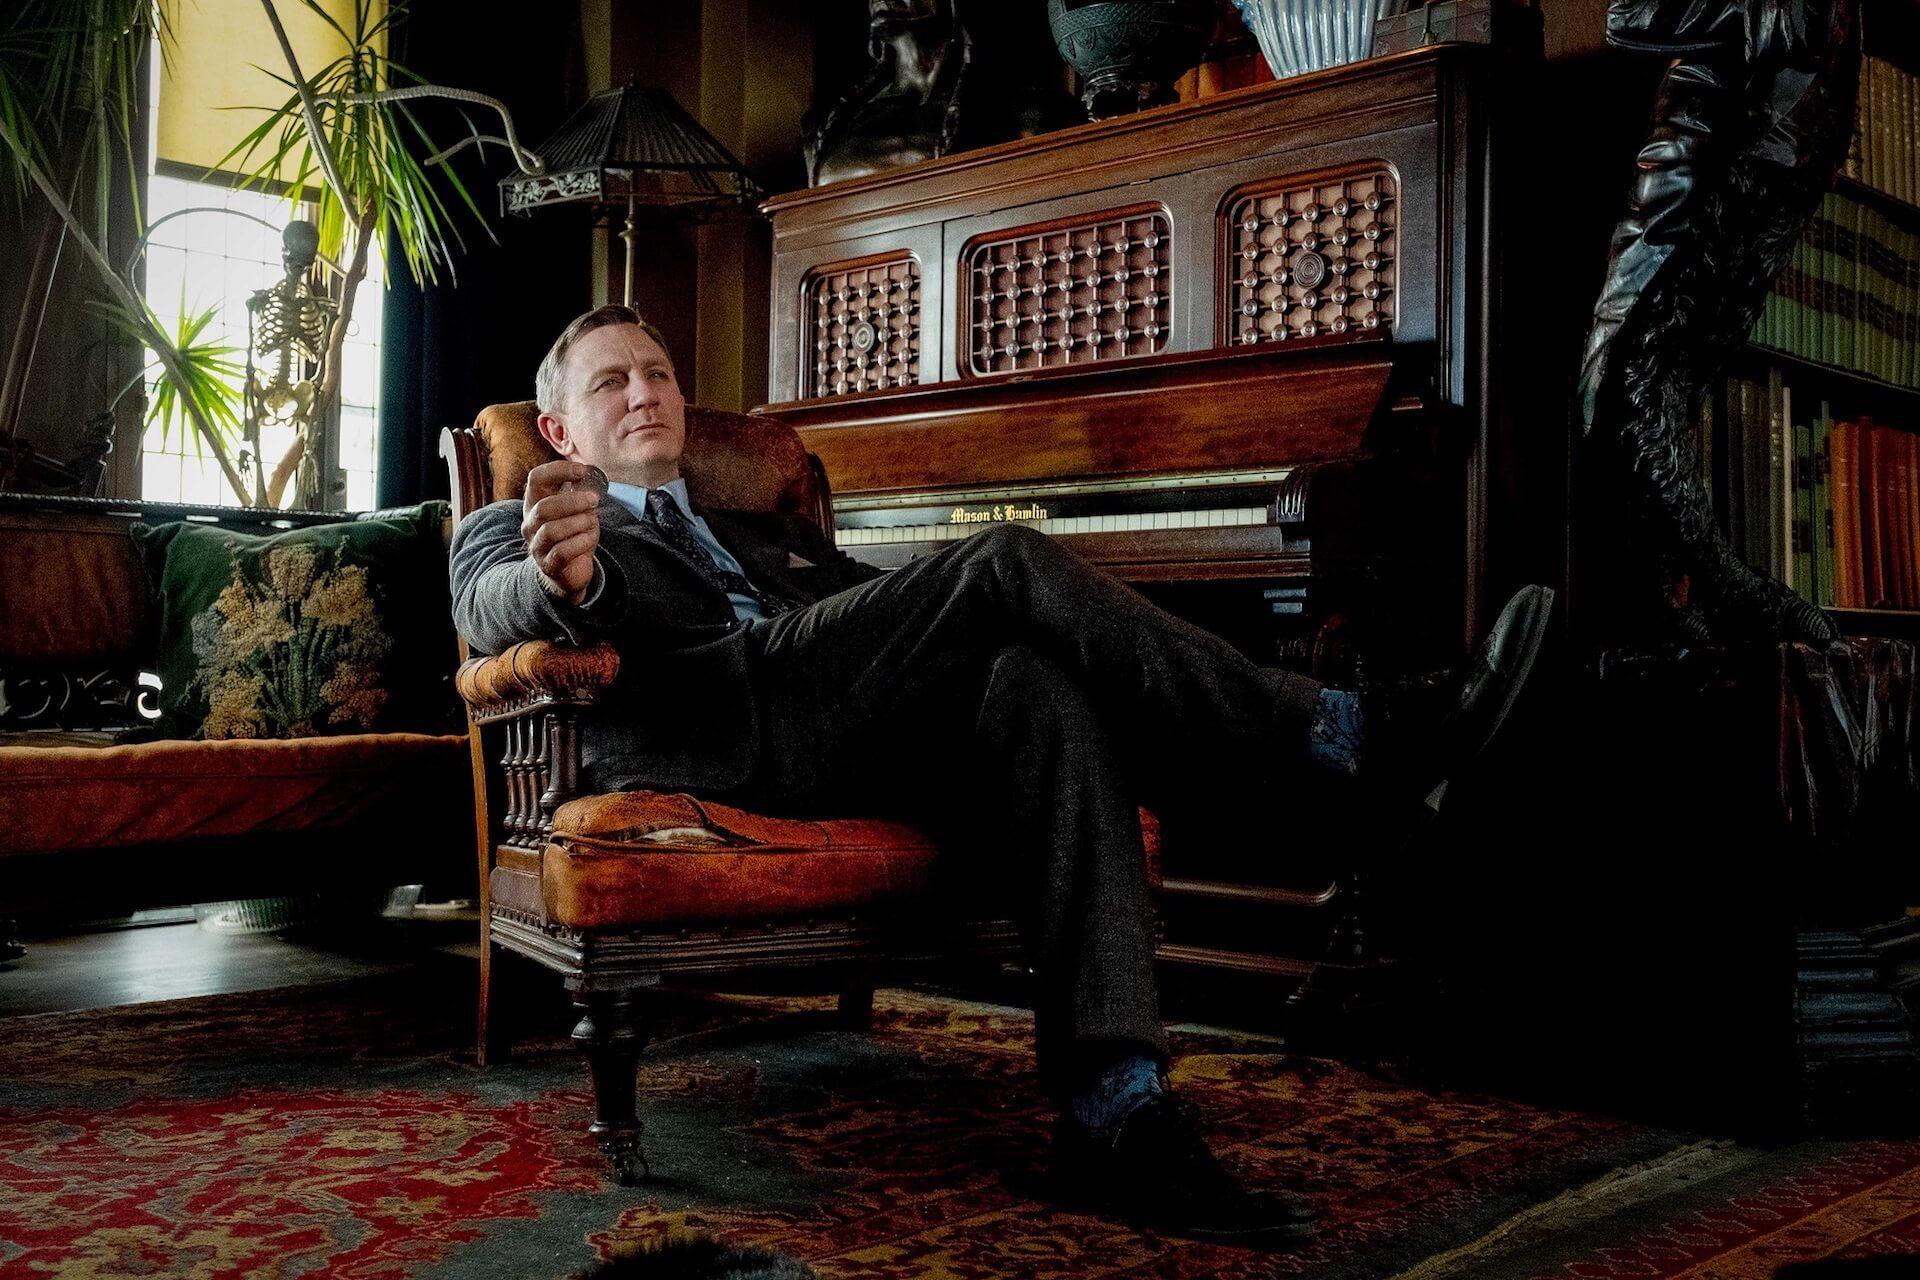 キャプテン・アメリカ役クリス・エヴァンスが今度はろくでなし野郎に!?『ナイブズ・アウト/名探偵と刃の館の秘密』日本公開決定 film191111_knivesout_1